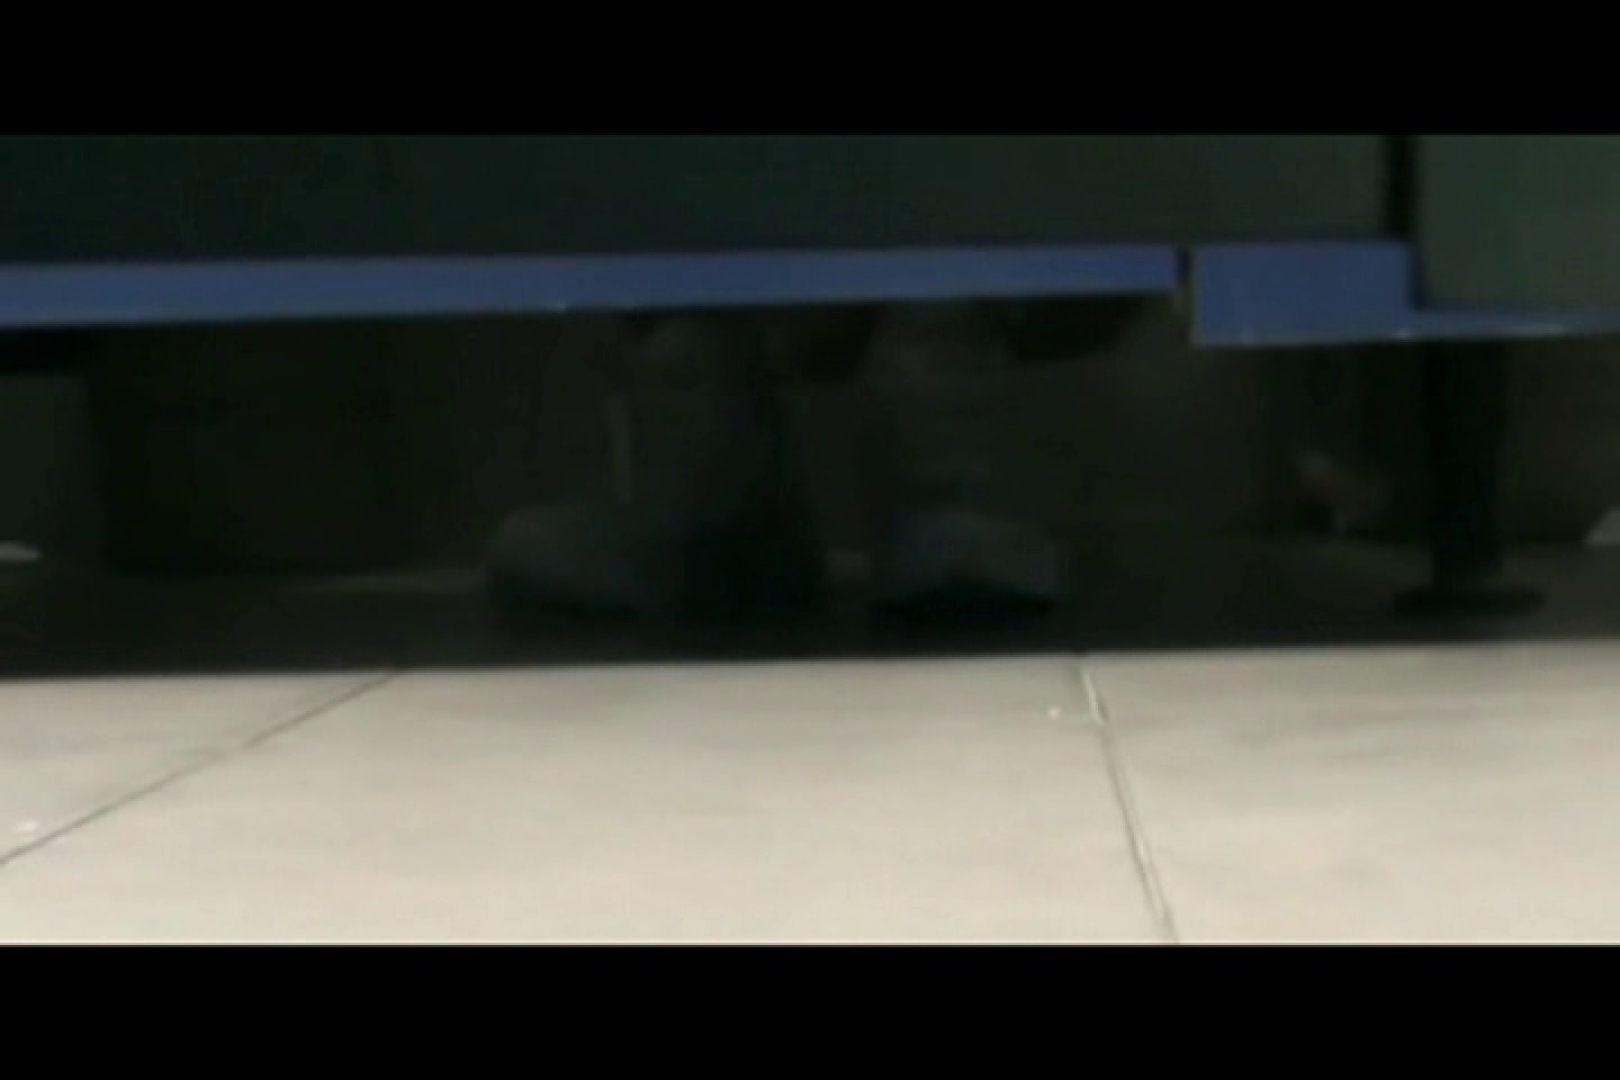 ぼっとん洗面所スペシャルVol.19 洗面所 のぞき動画画像 87画像 26